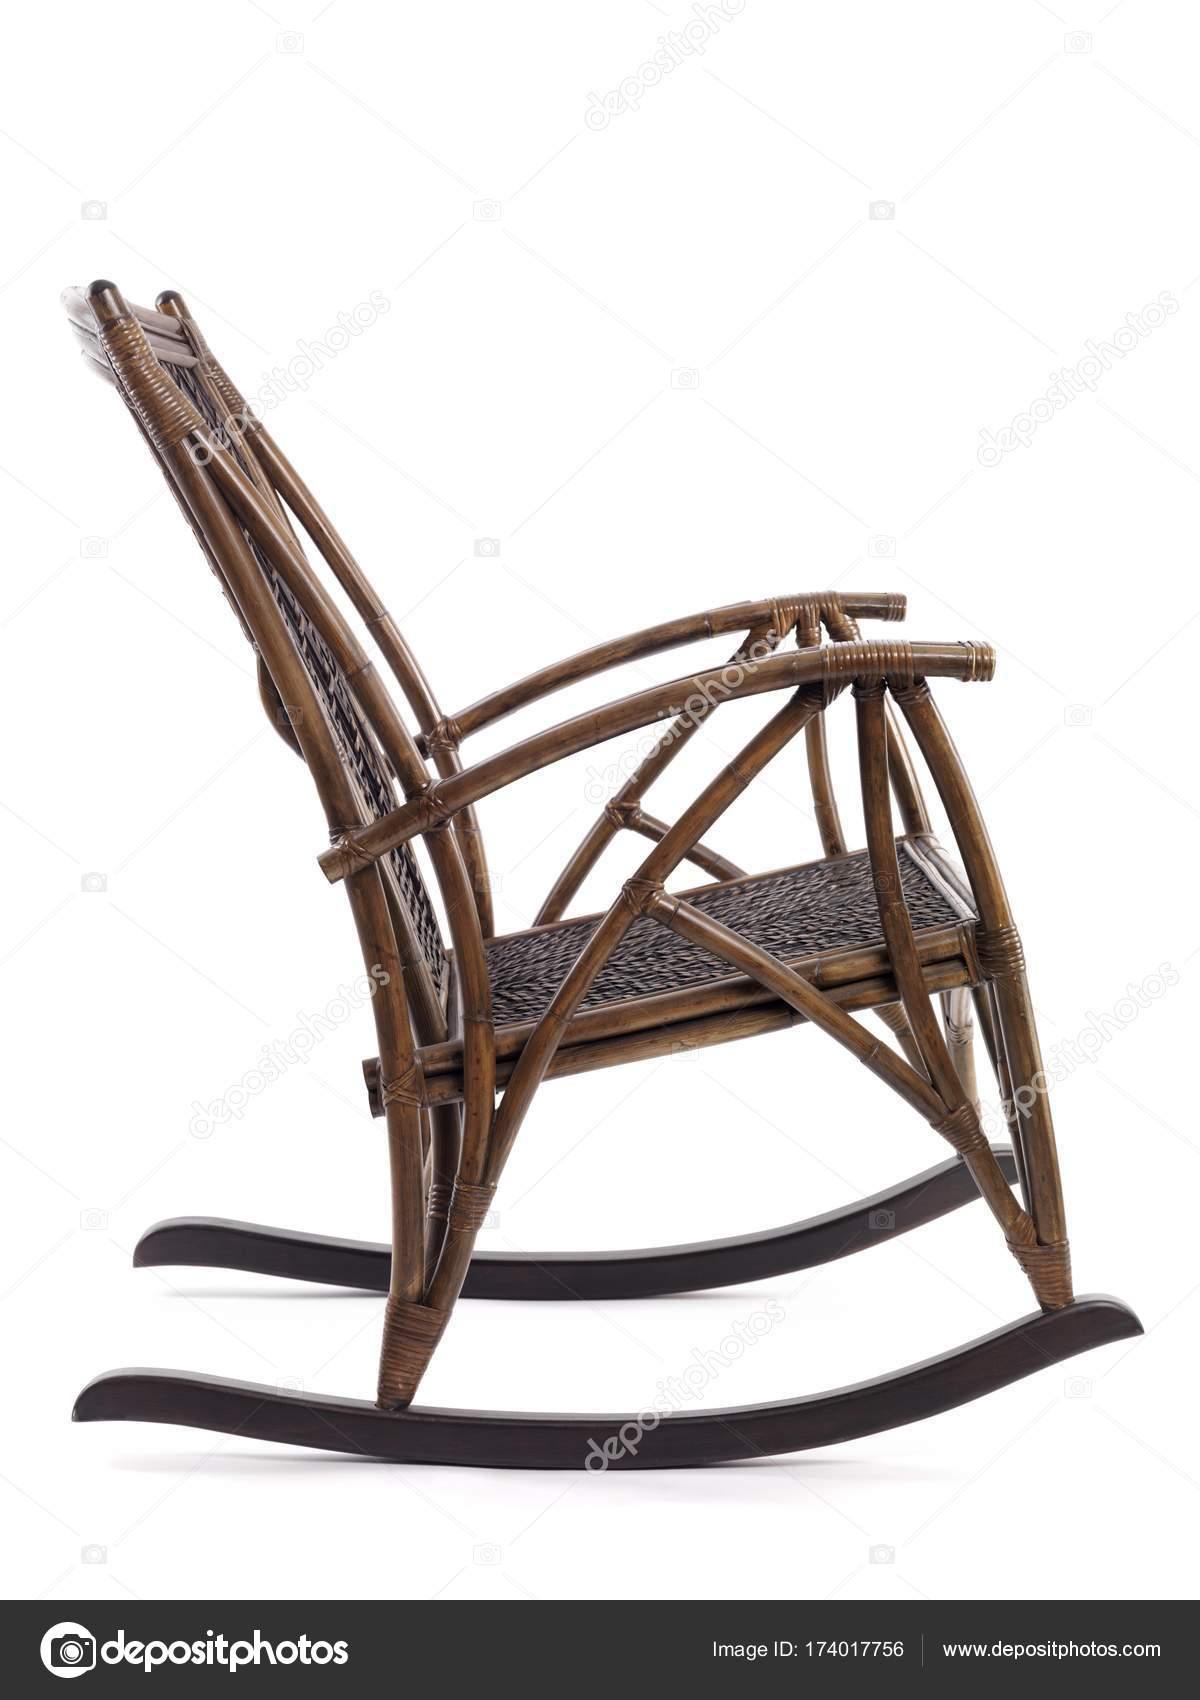 Prezzi Sedie A Dondolo In Vimini.Sedia Dondolo Vimini Bambu Antico Foto Stock